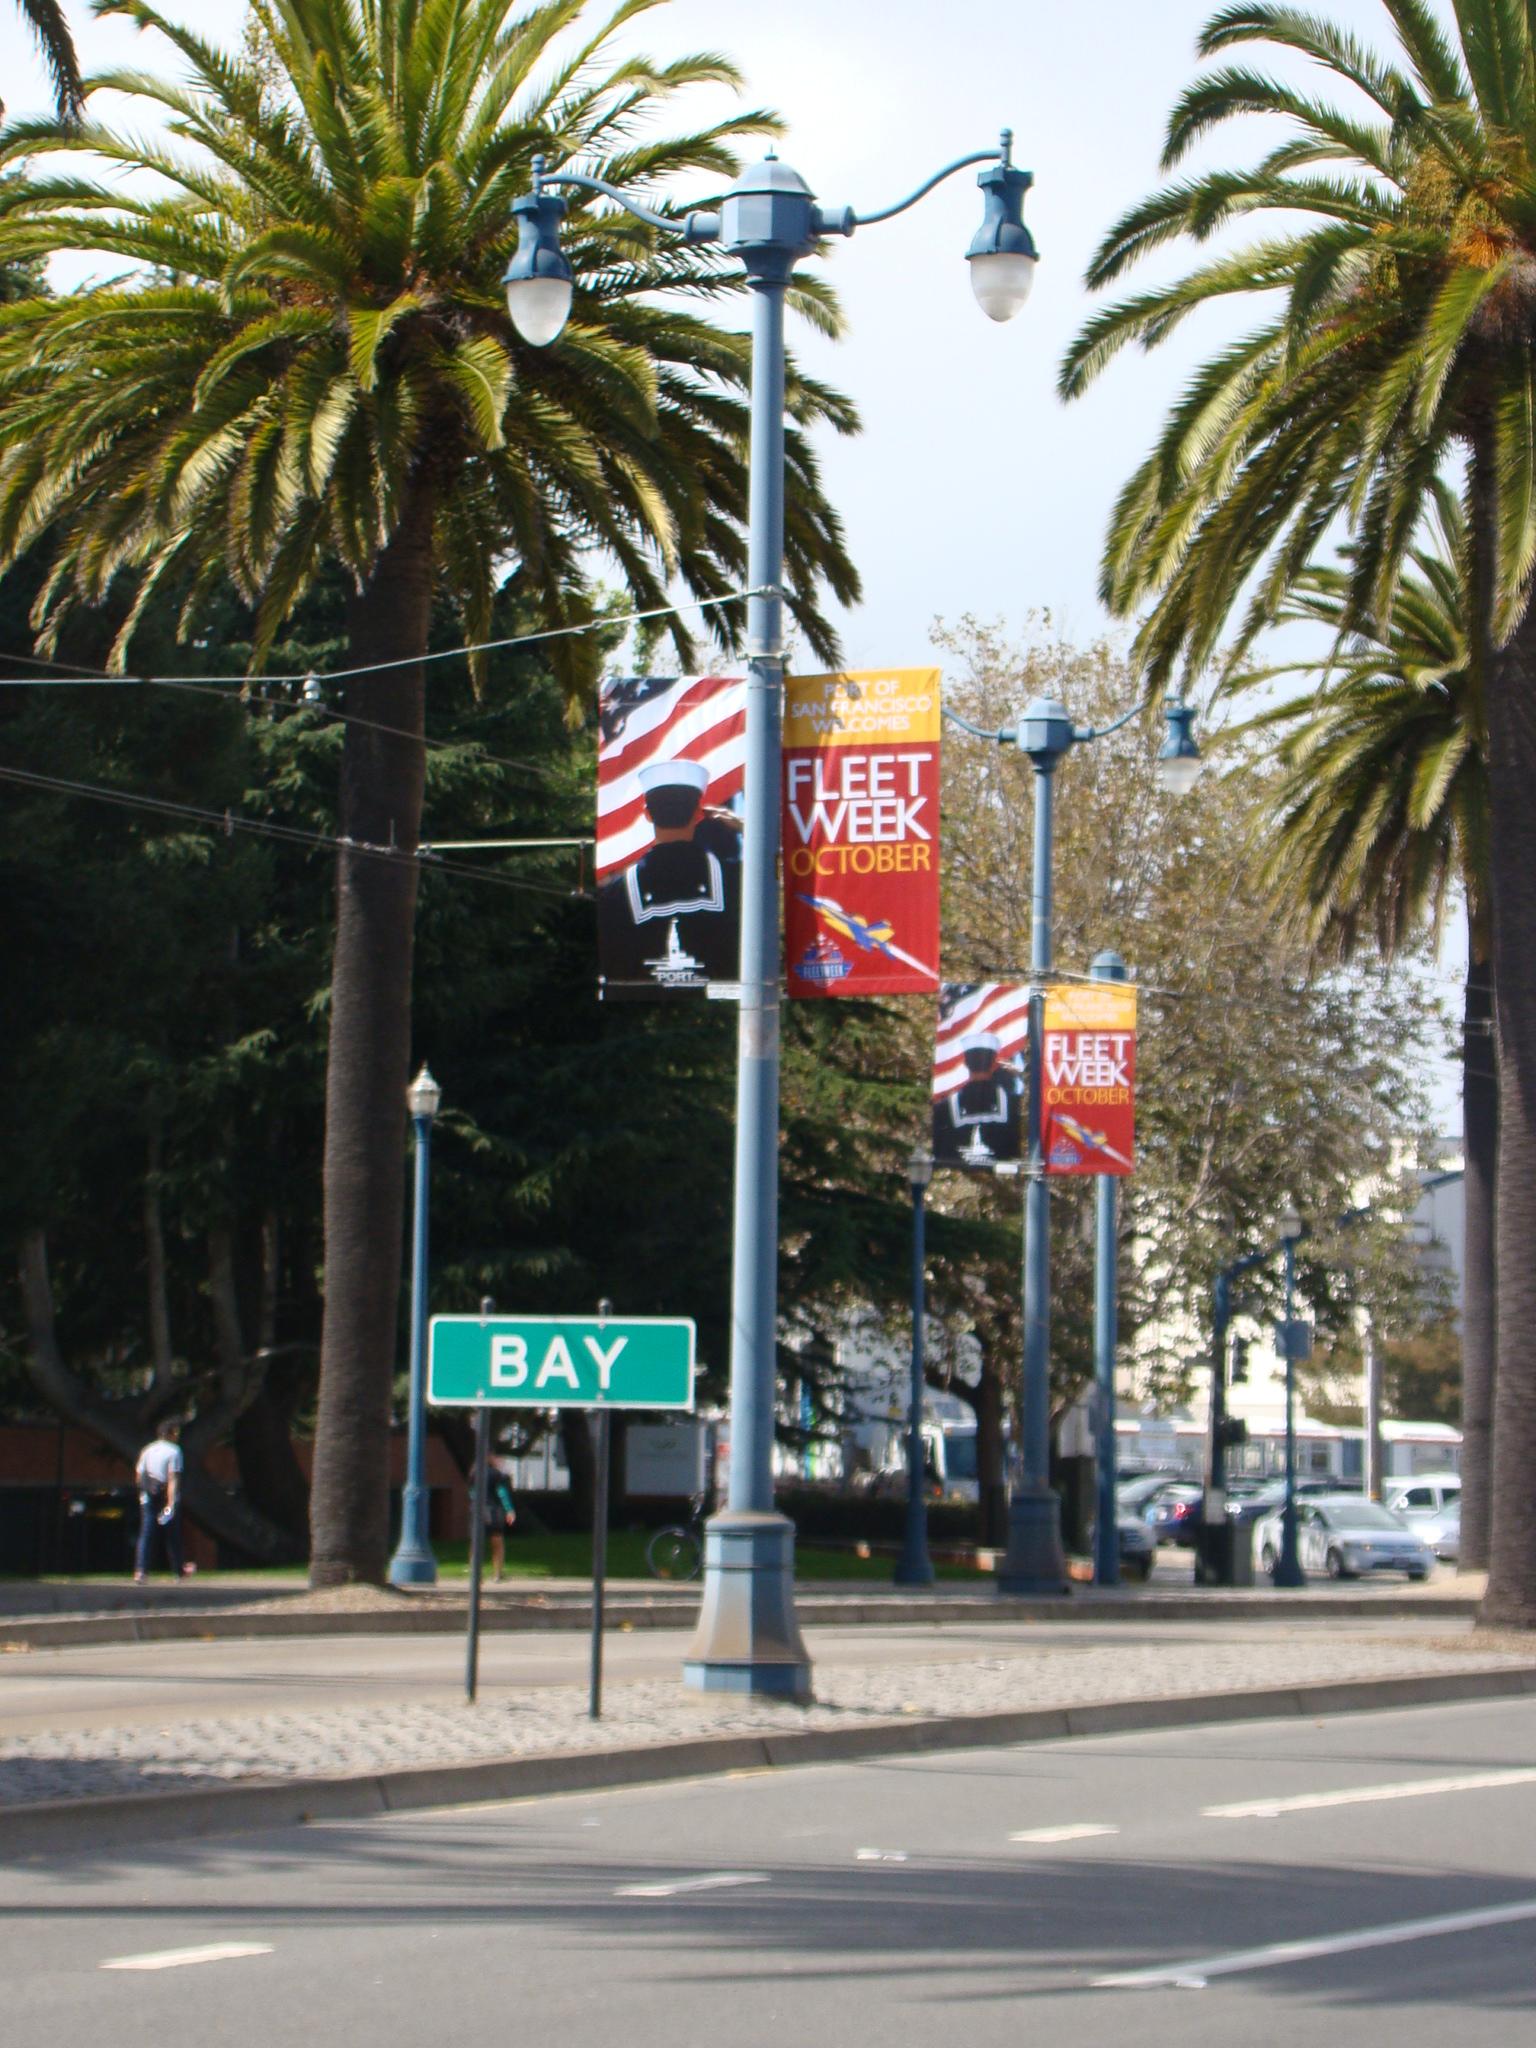 Fleet Week - San Francisco